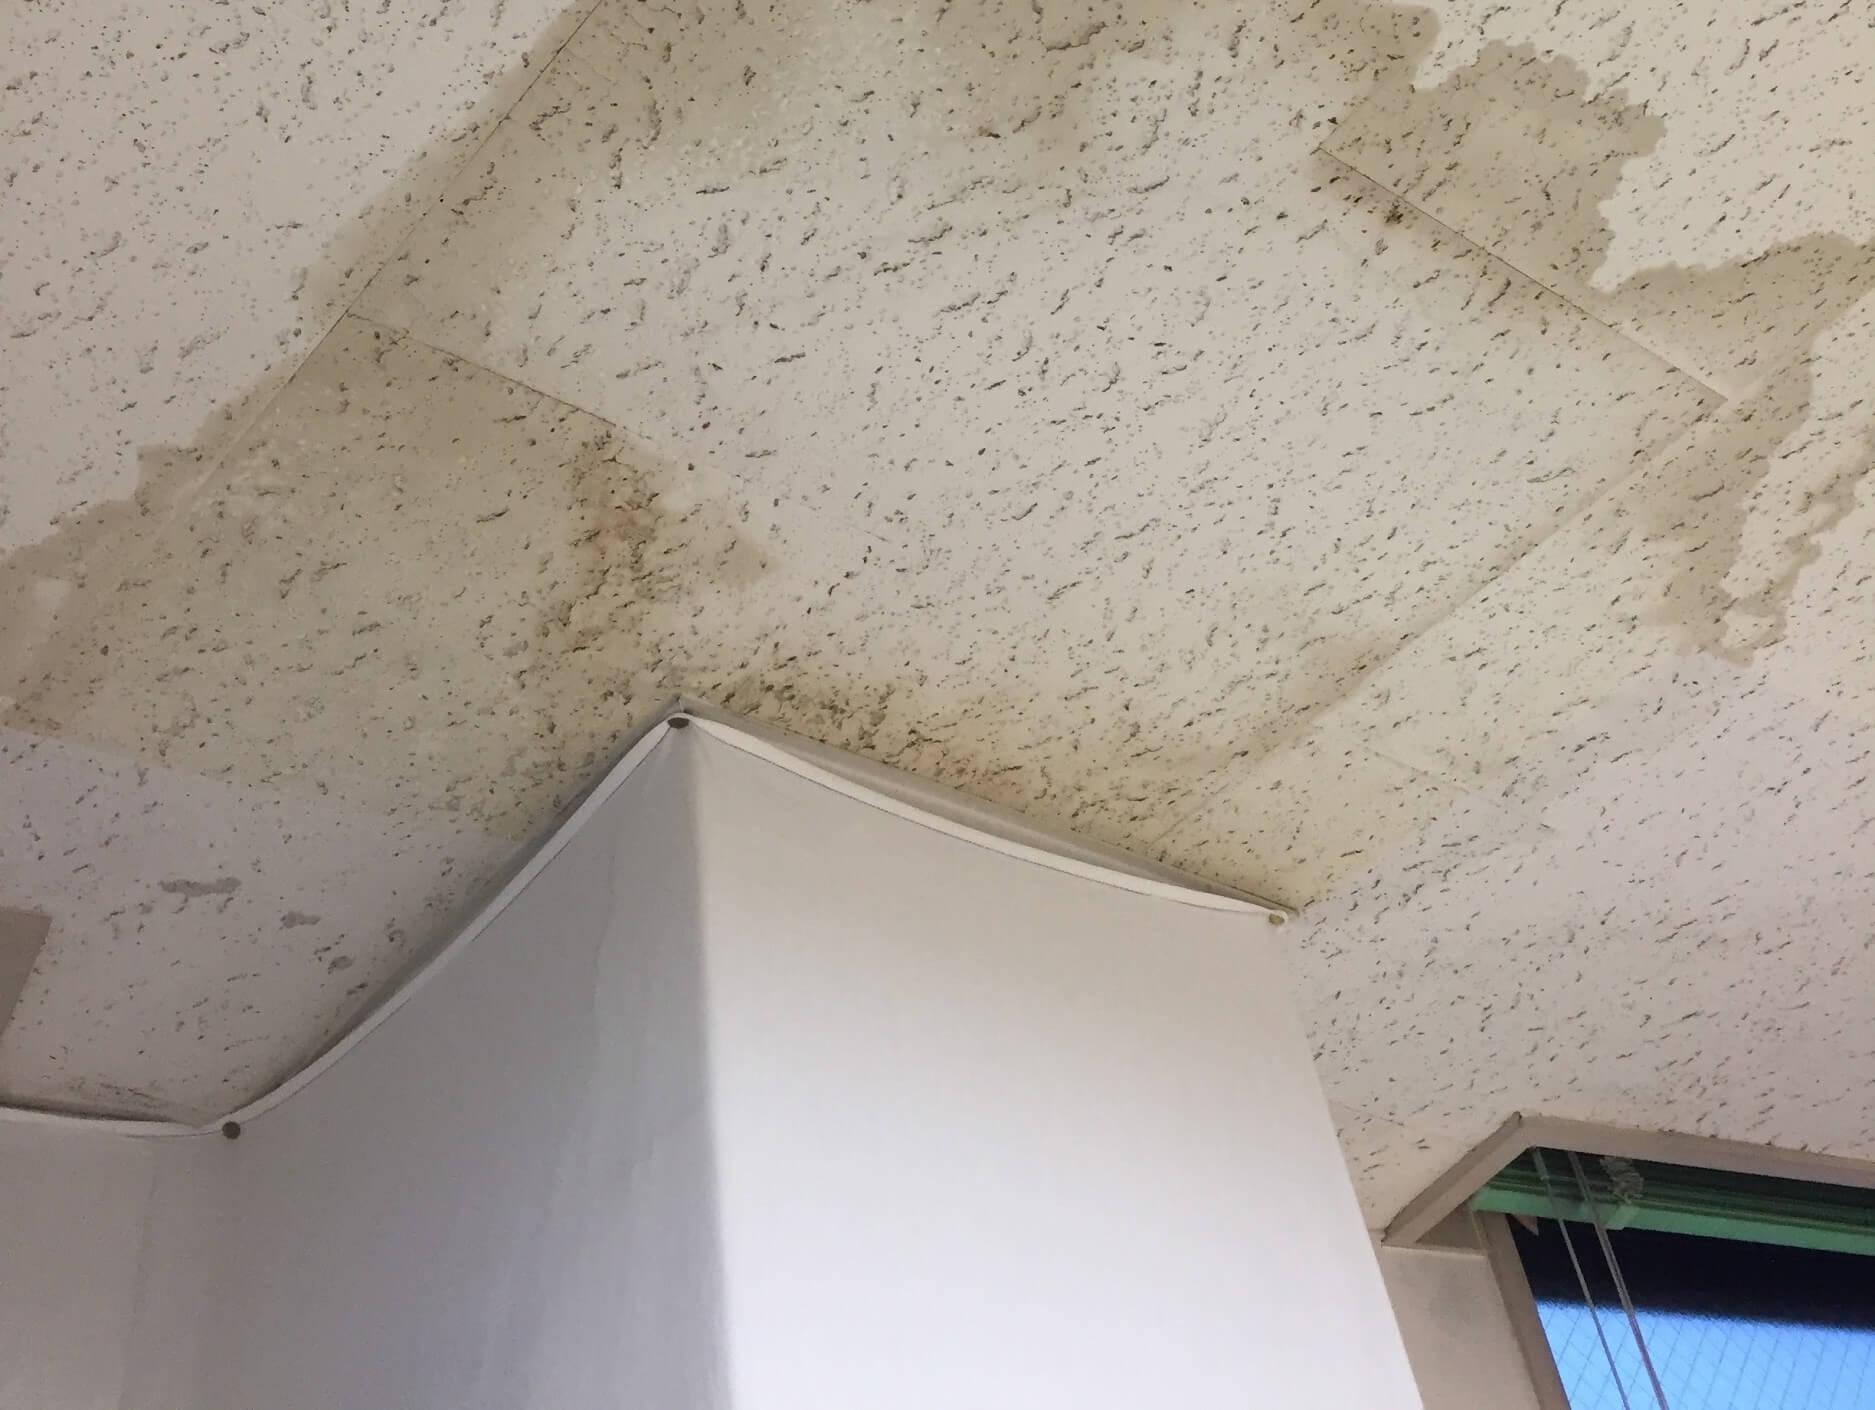 ビルの雨漏りは被害が深刻!その原因と取るべき初期対応を全て解説!